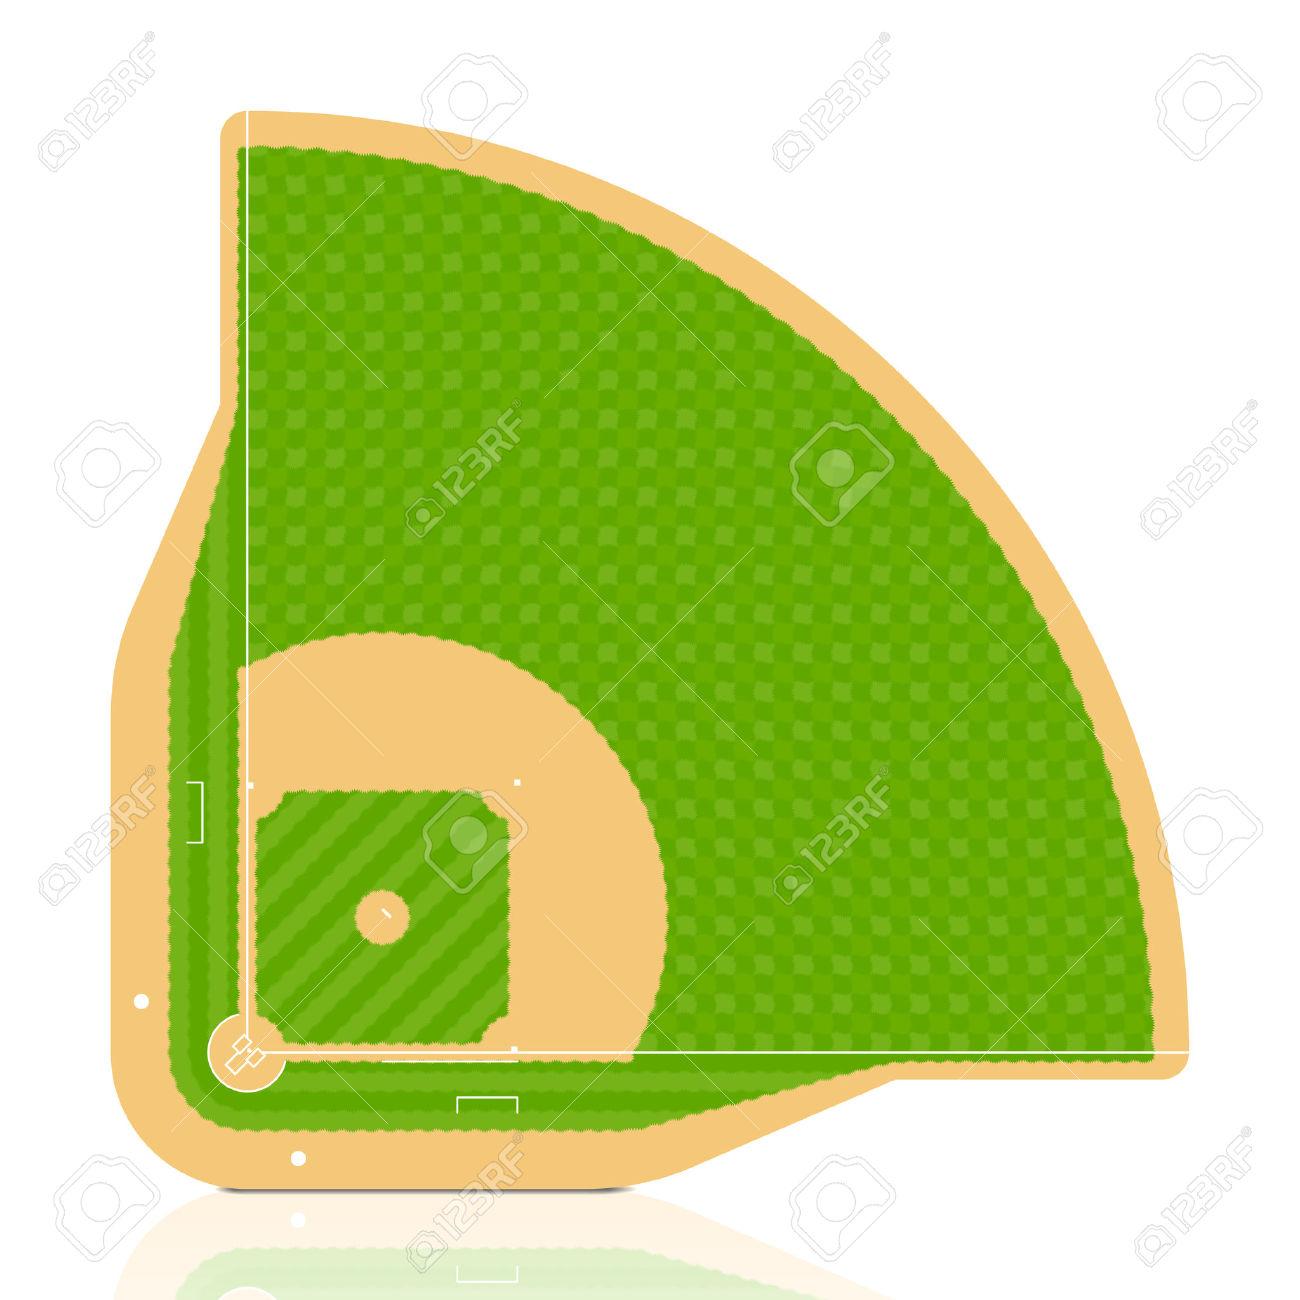 1300x1300 Grass Clipart Baseball Field